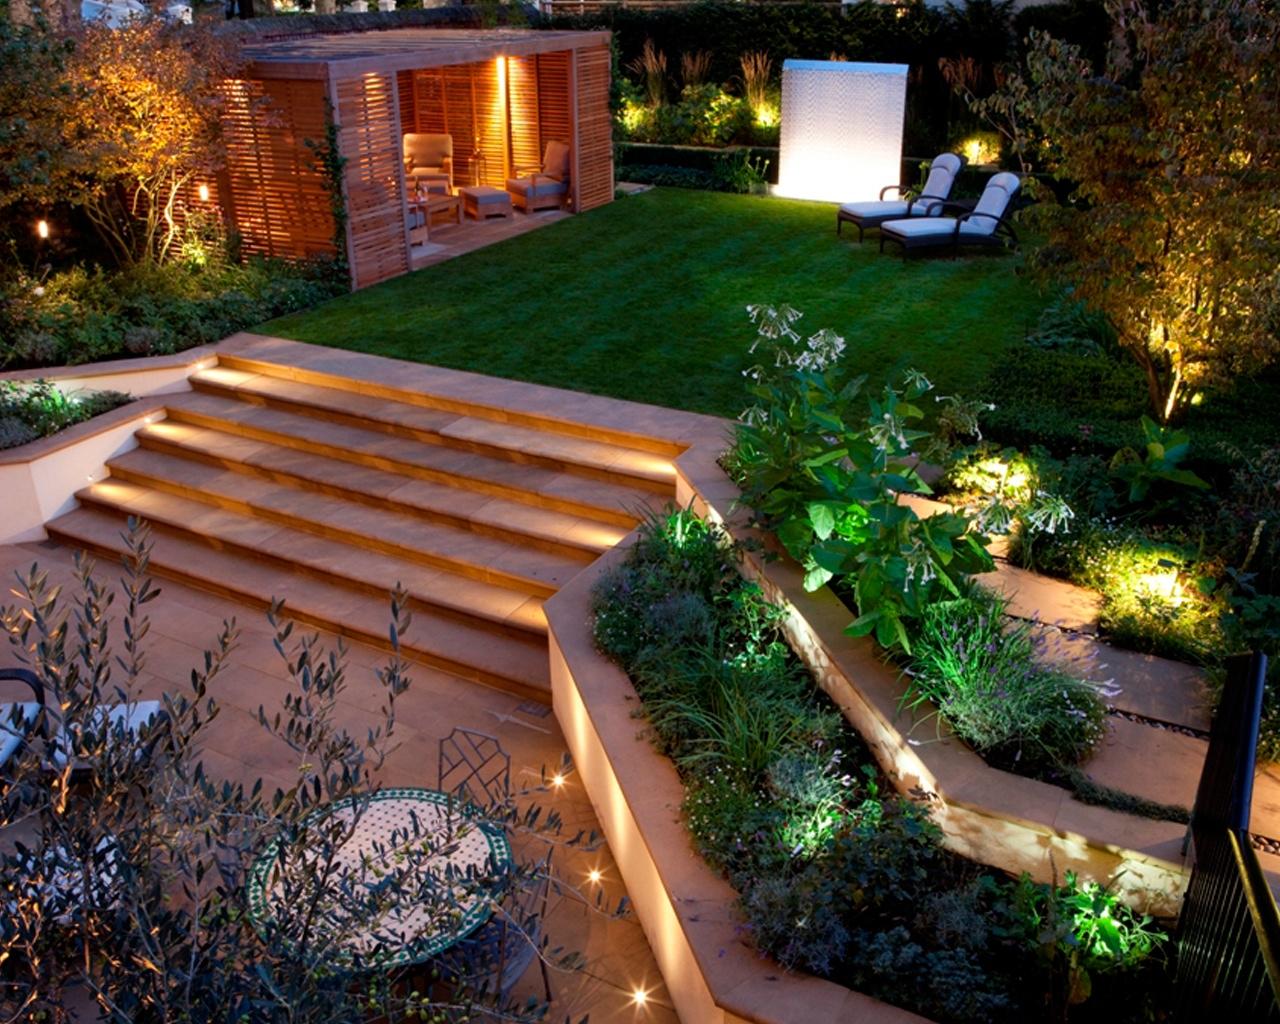 50 modern garden design ideas to try in 2017 DOVEQYG